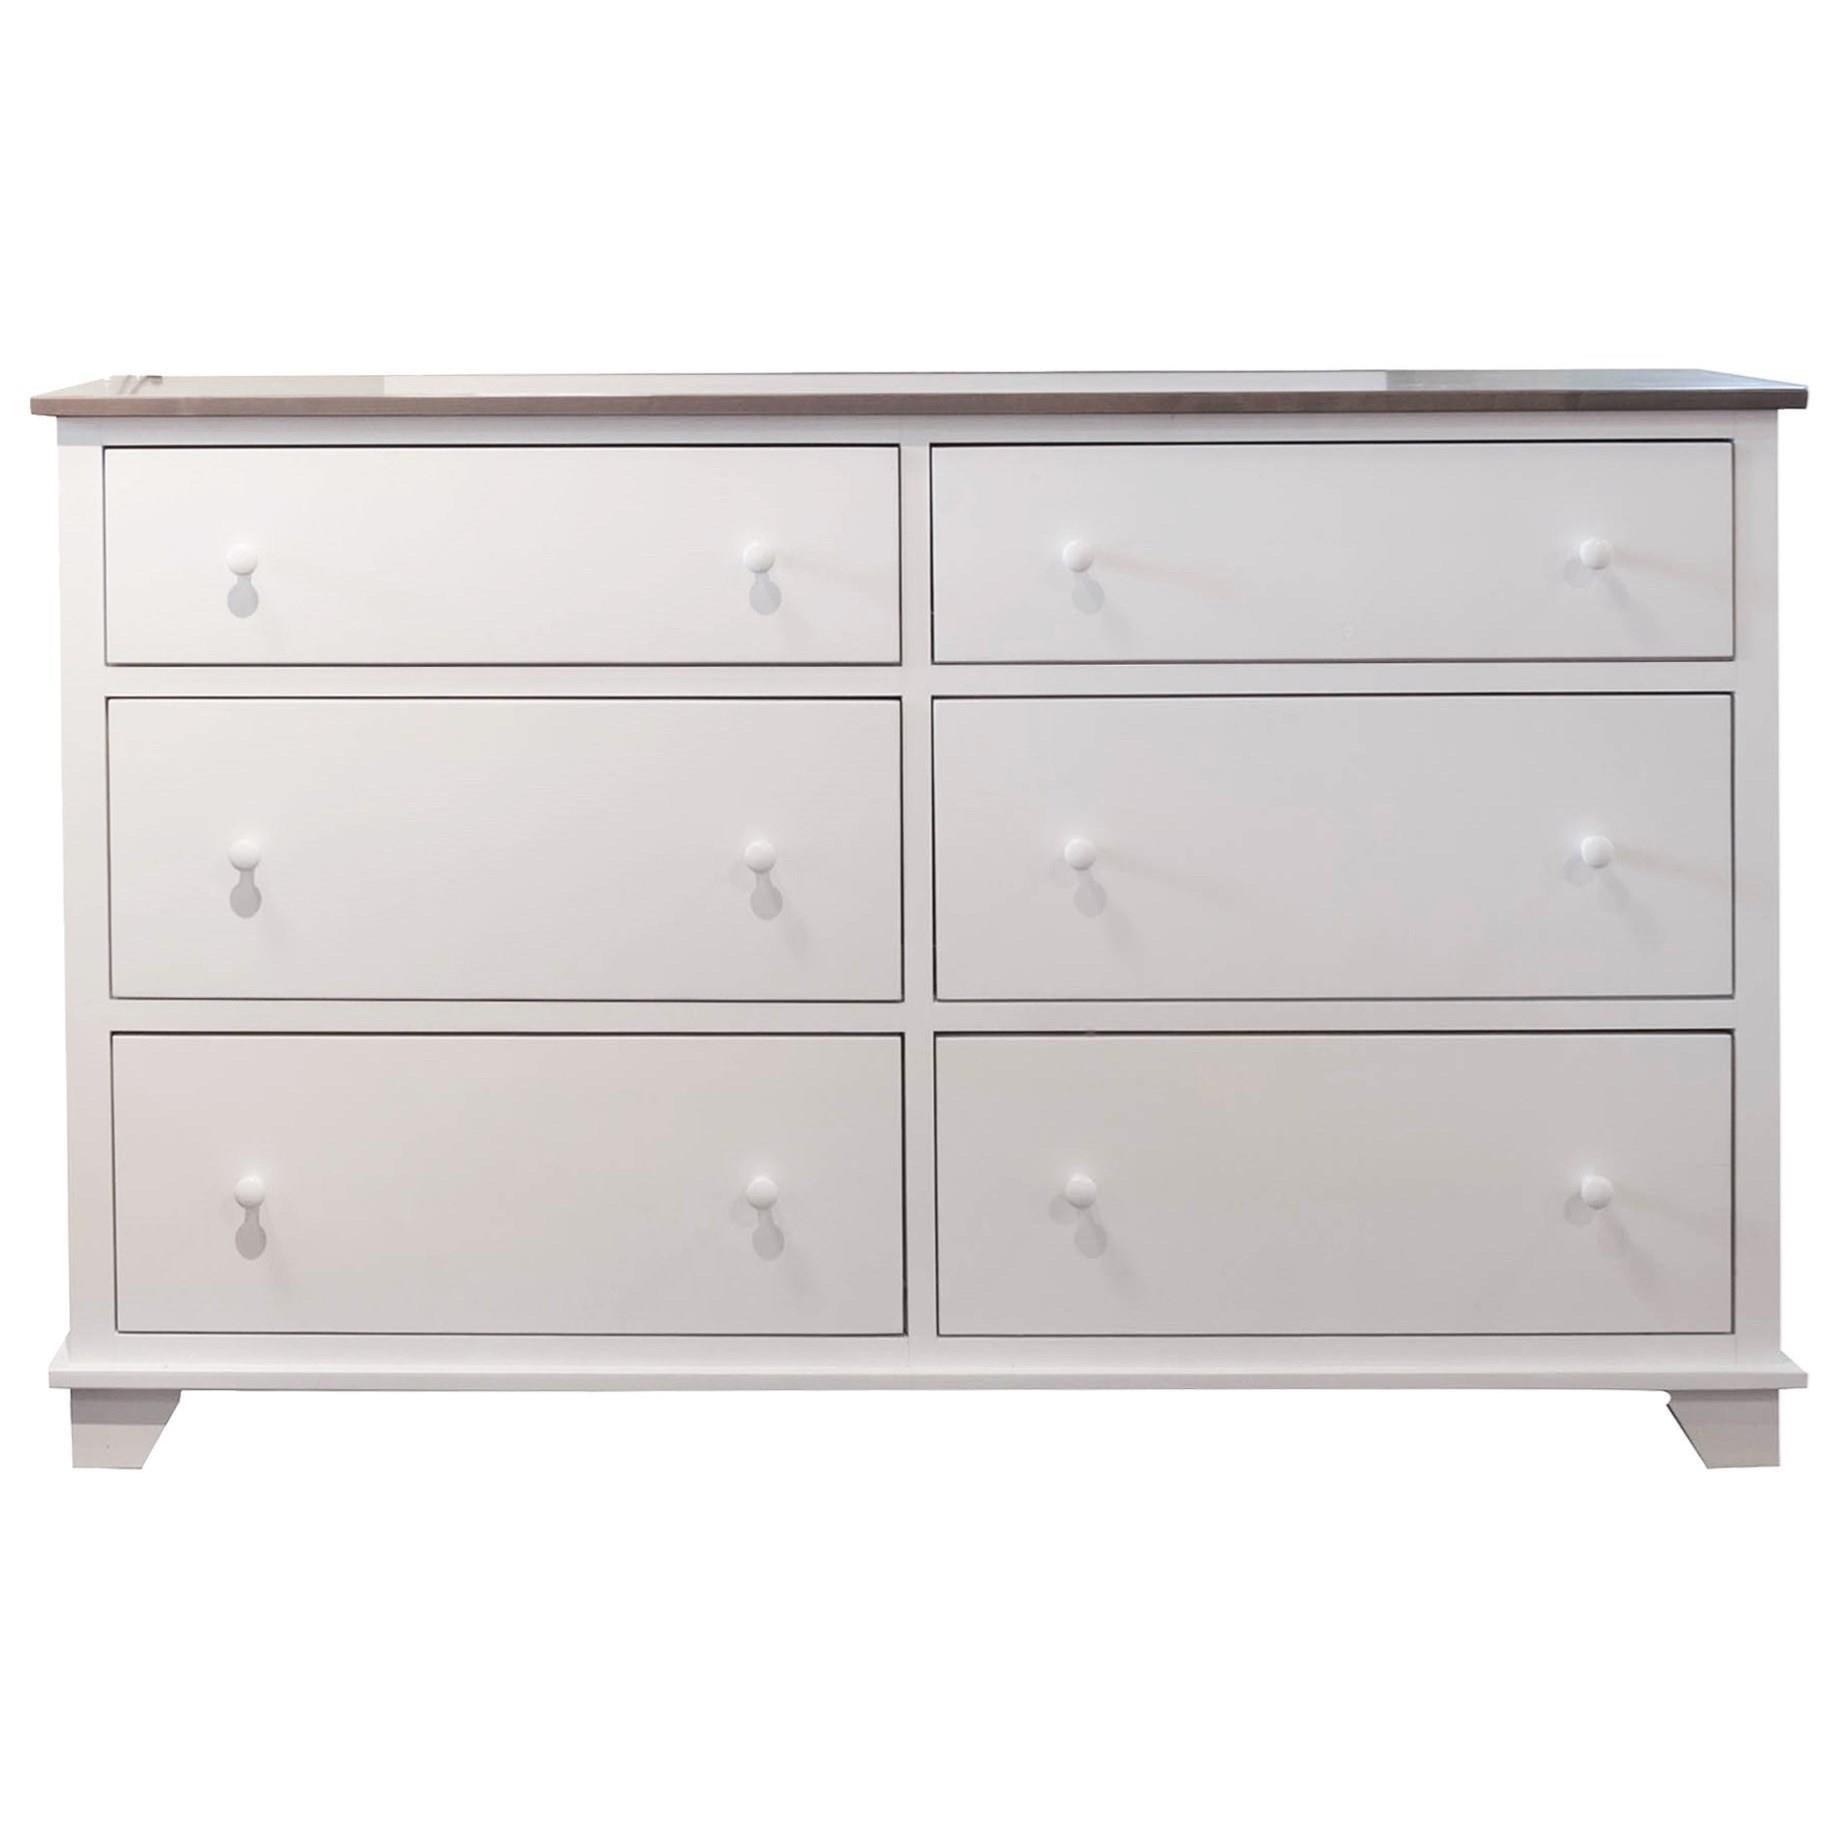 Portland 6 Drawer Dresser by Archbold Furniture at Darvin Furniture